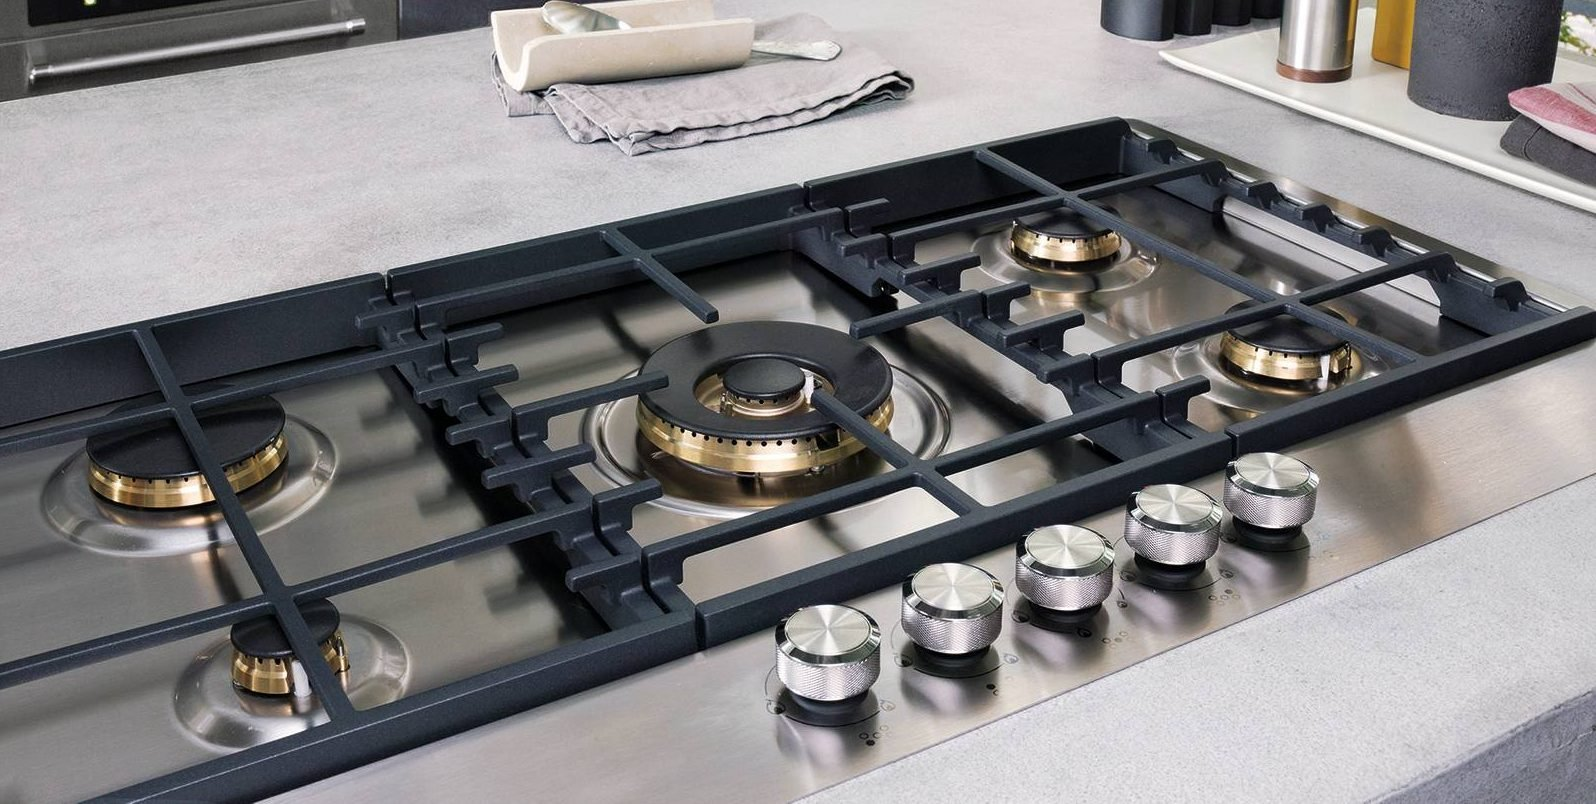 Piano cottura a induzione a gas o elettrico cose di casa for Piano cottura vetroceramica a gas